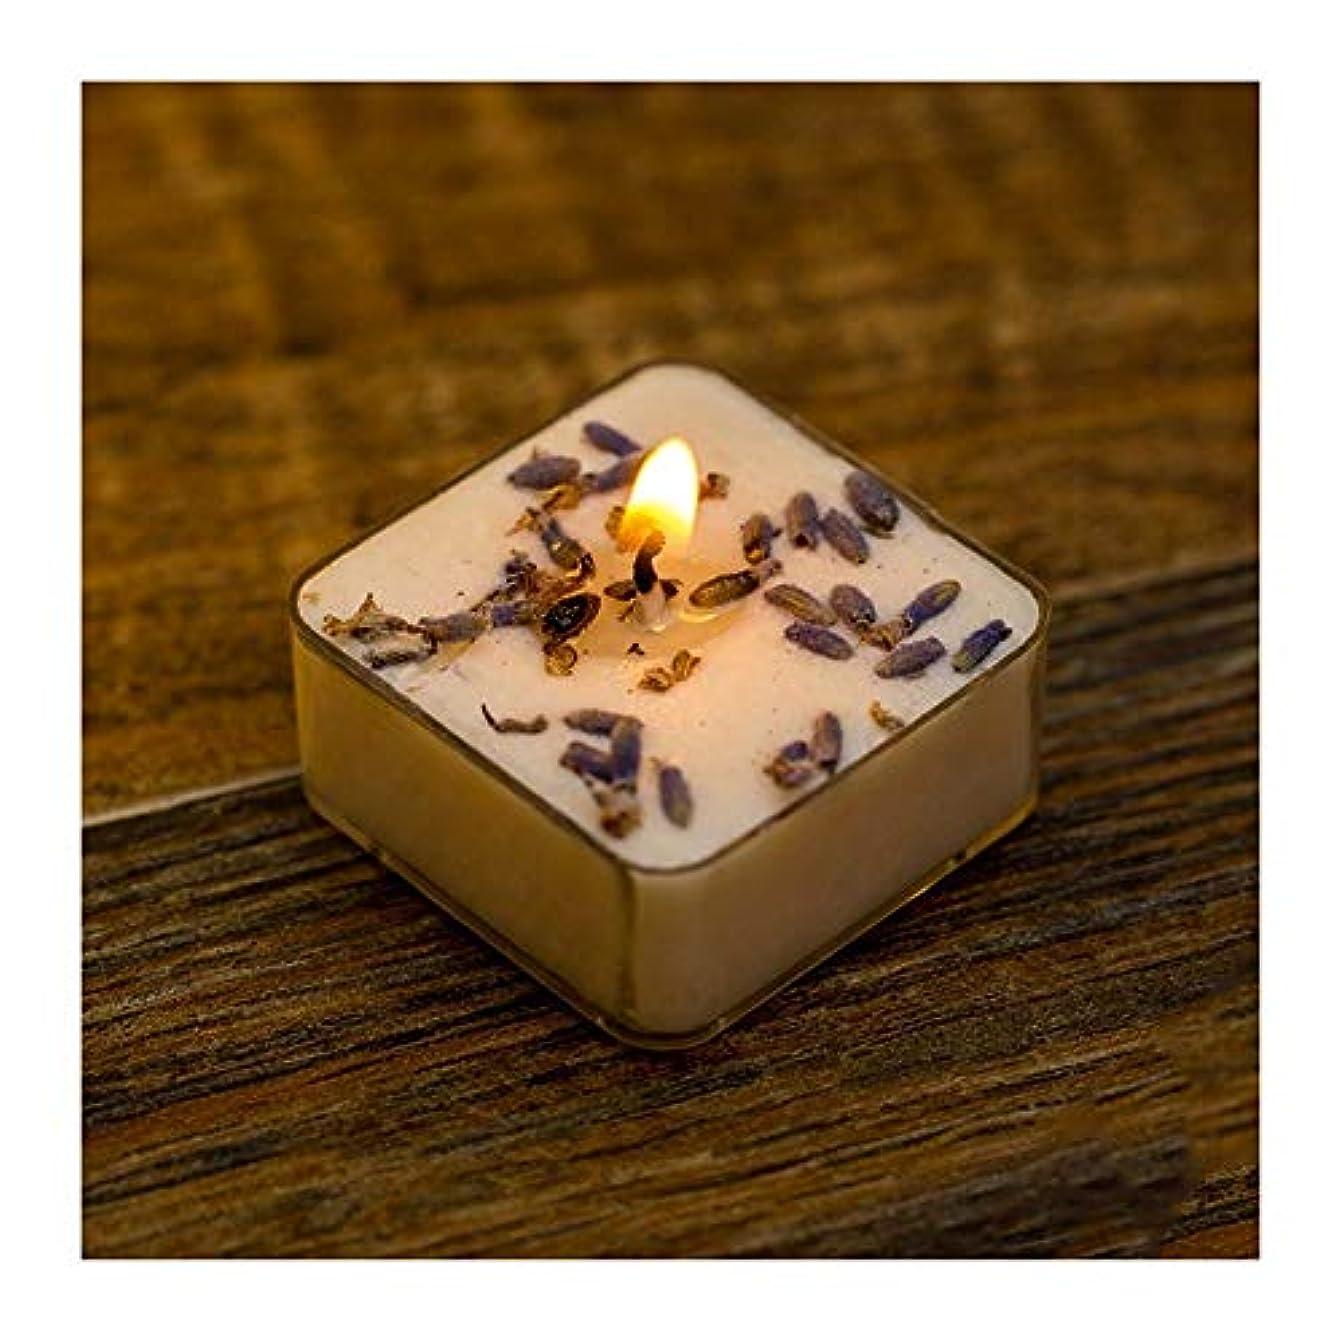 アラブサンダル畝間Guomao 無煙アロマキャンドル手作りのカスタムロマンチックな結婚誕生日の雰囲気のラベンダーフレーバーキャンドル (色 : Green tea)